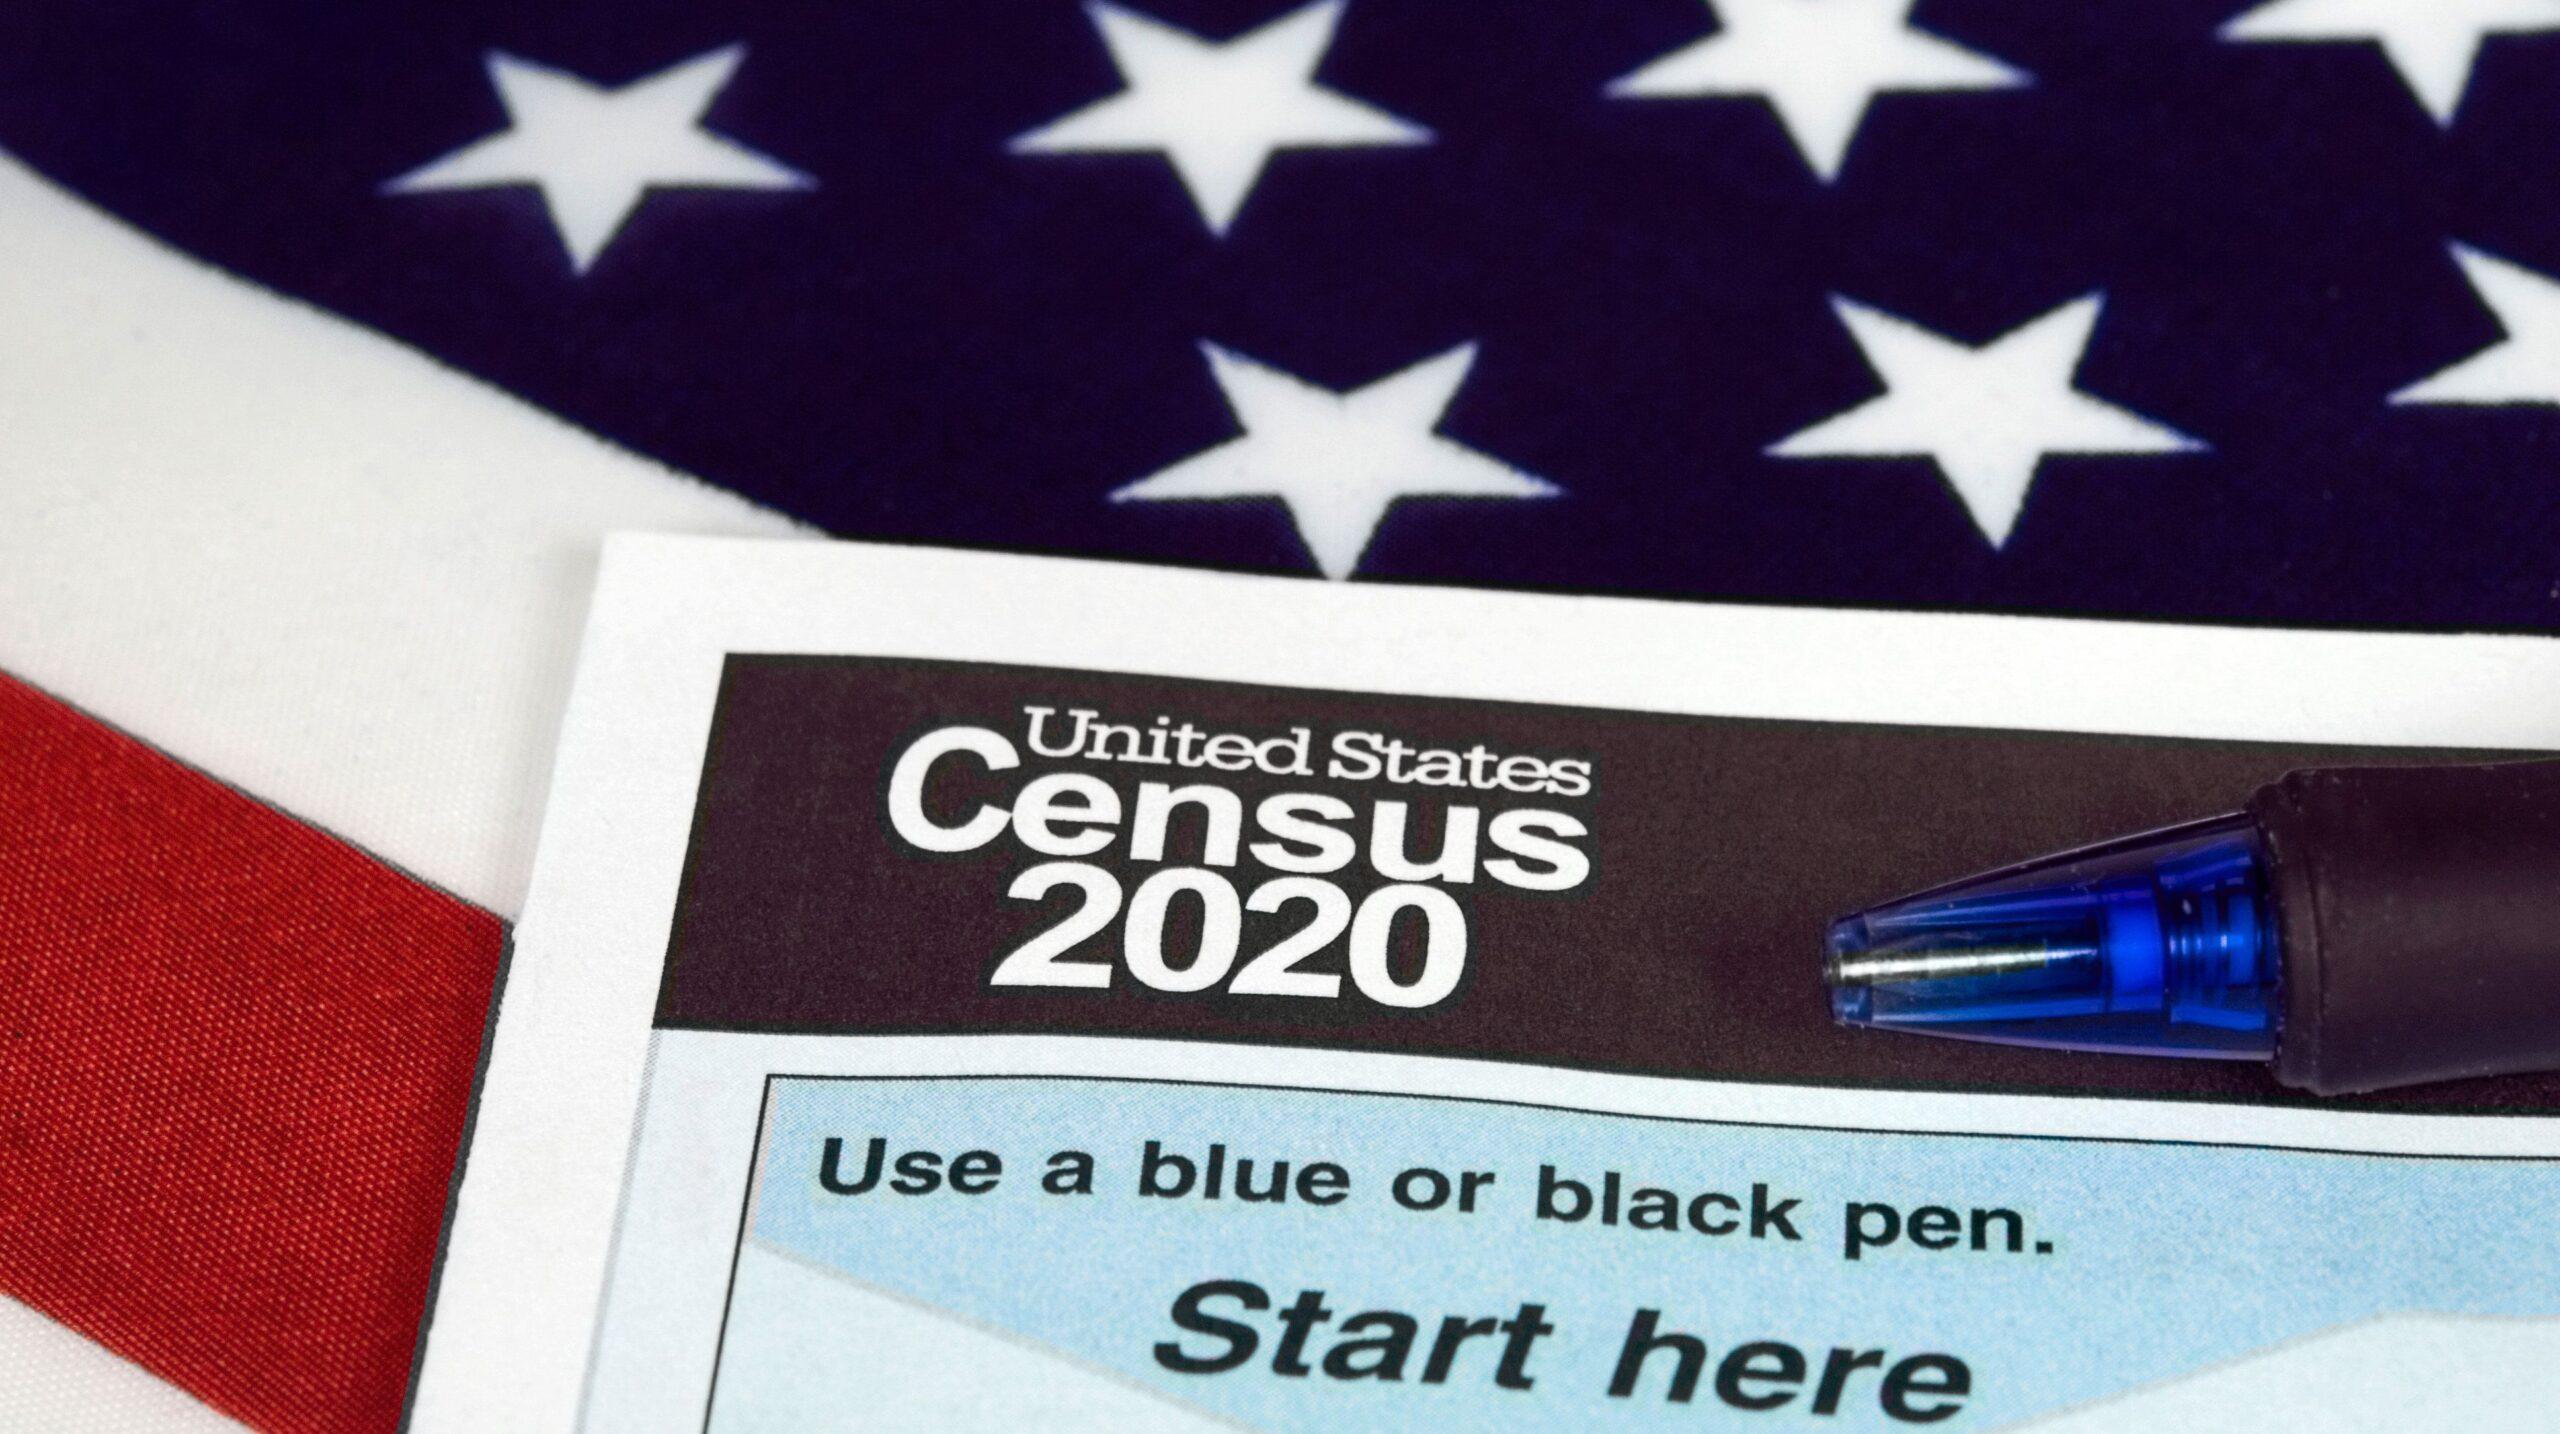 2020 census, us census, united states census,